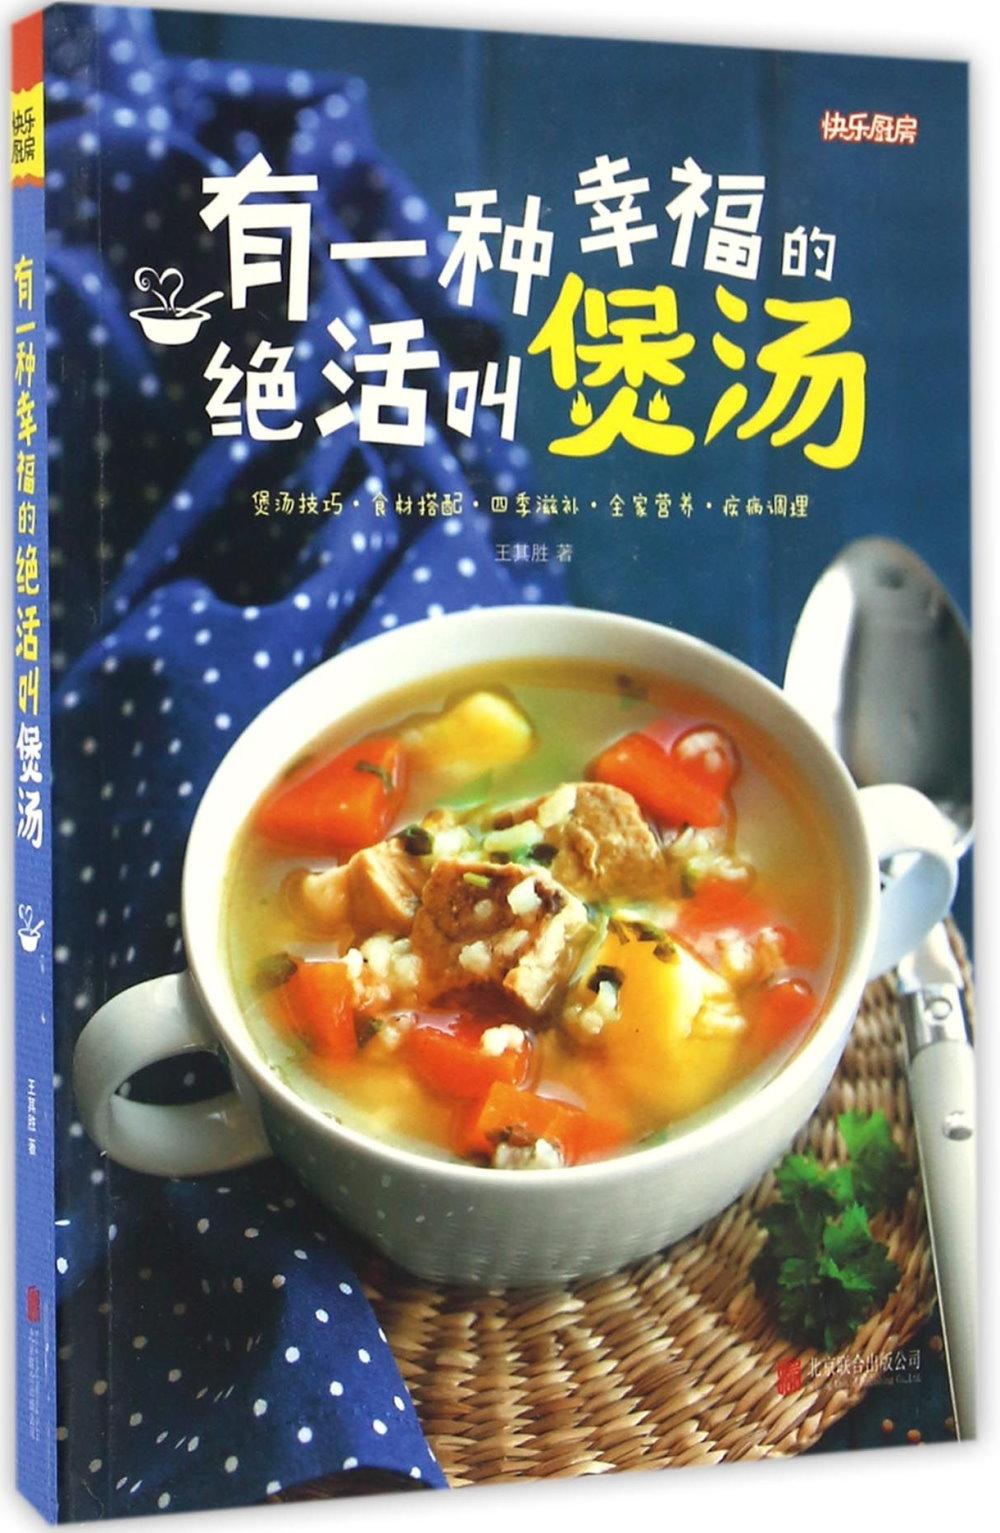 有一種幸福的絕活叫煲湯